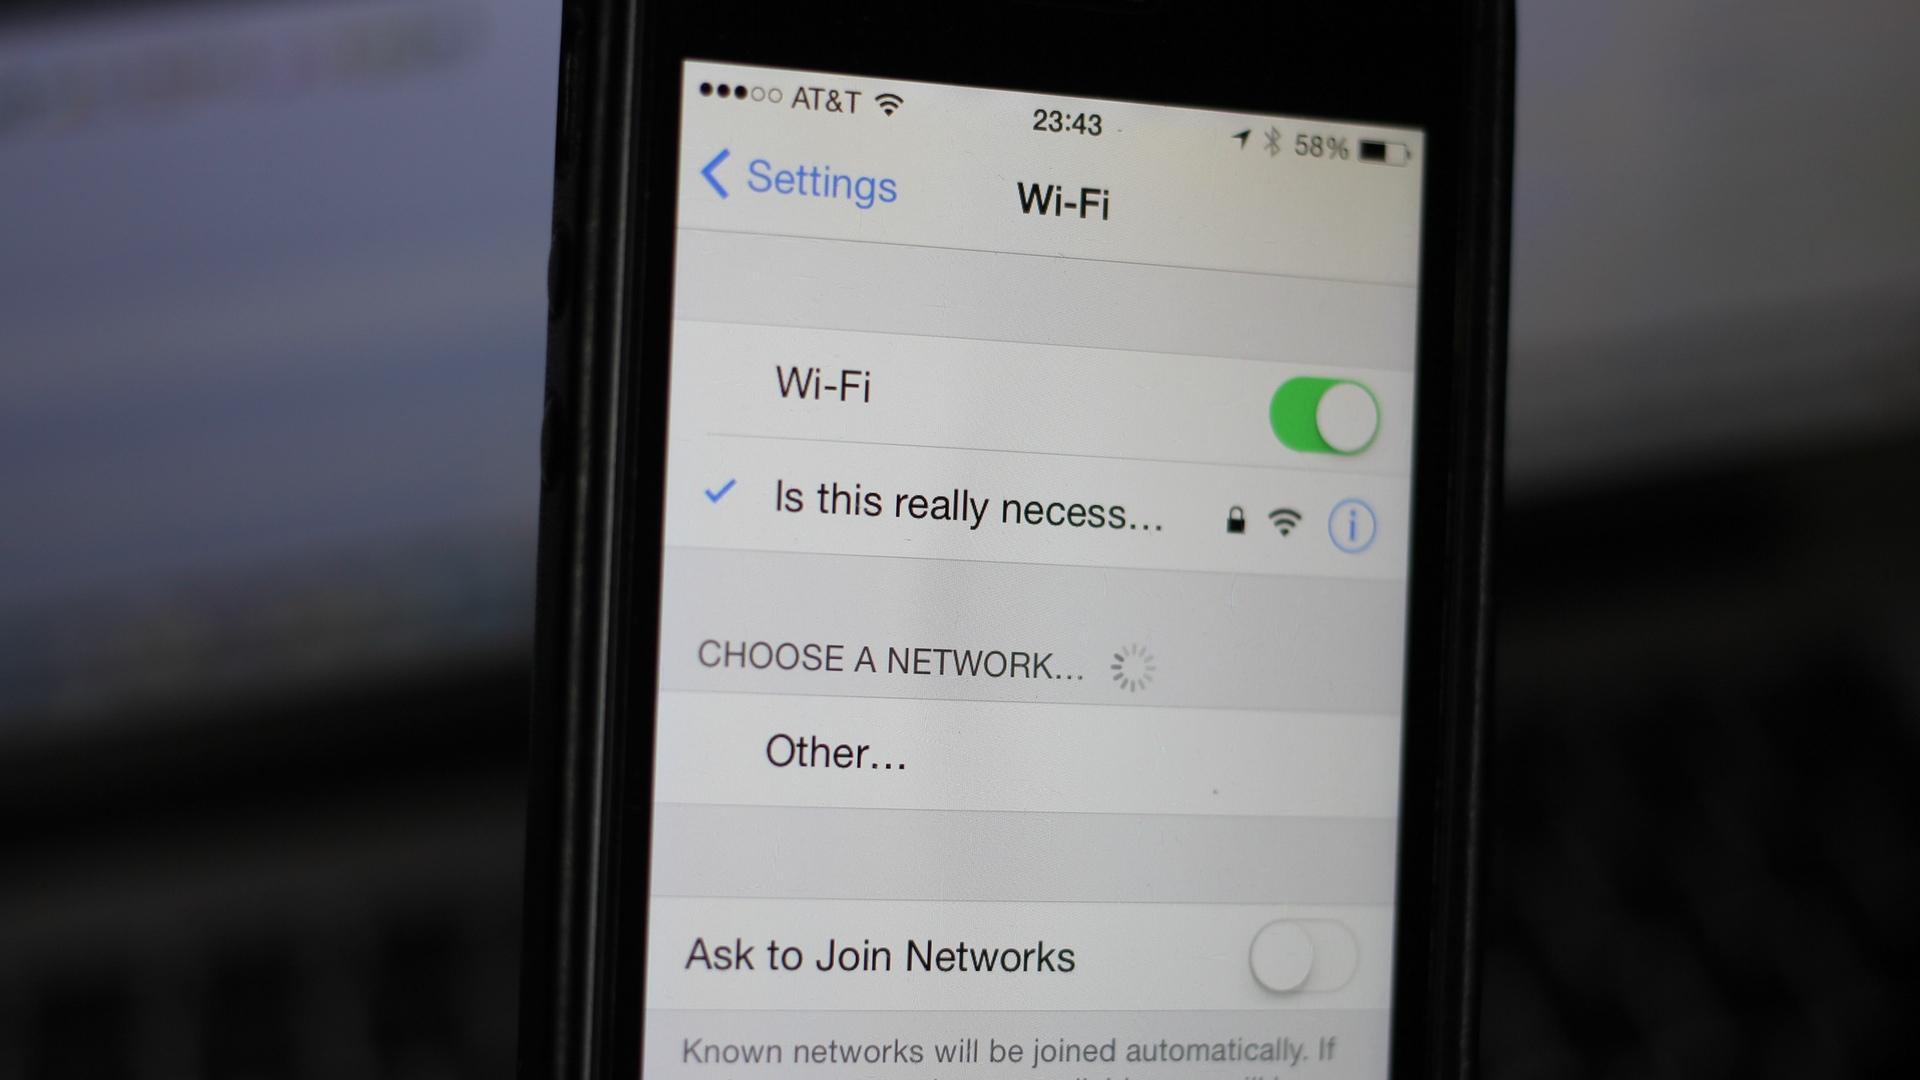 iOs 8 on iPhone Wi-Fi Scanning